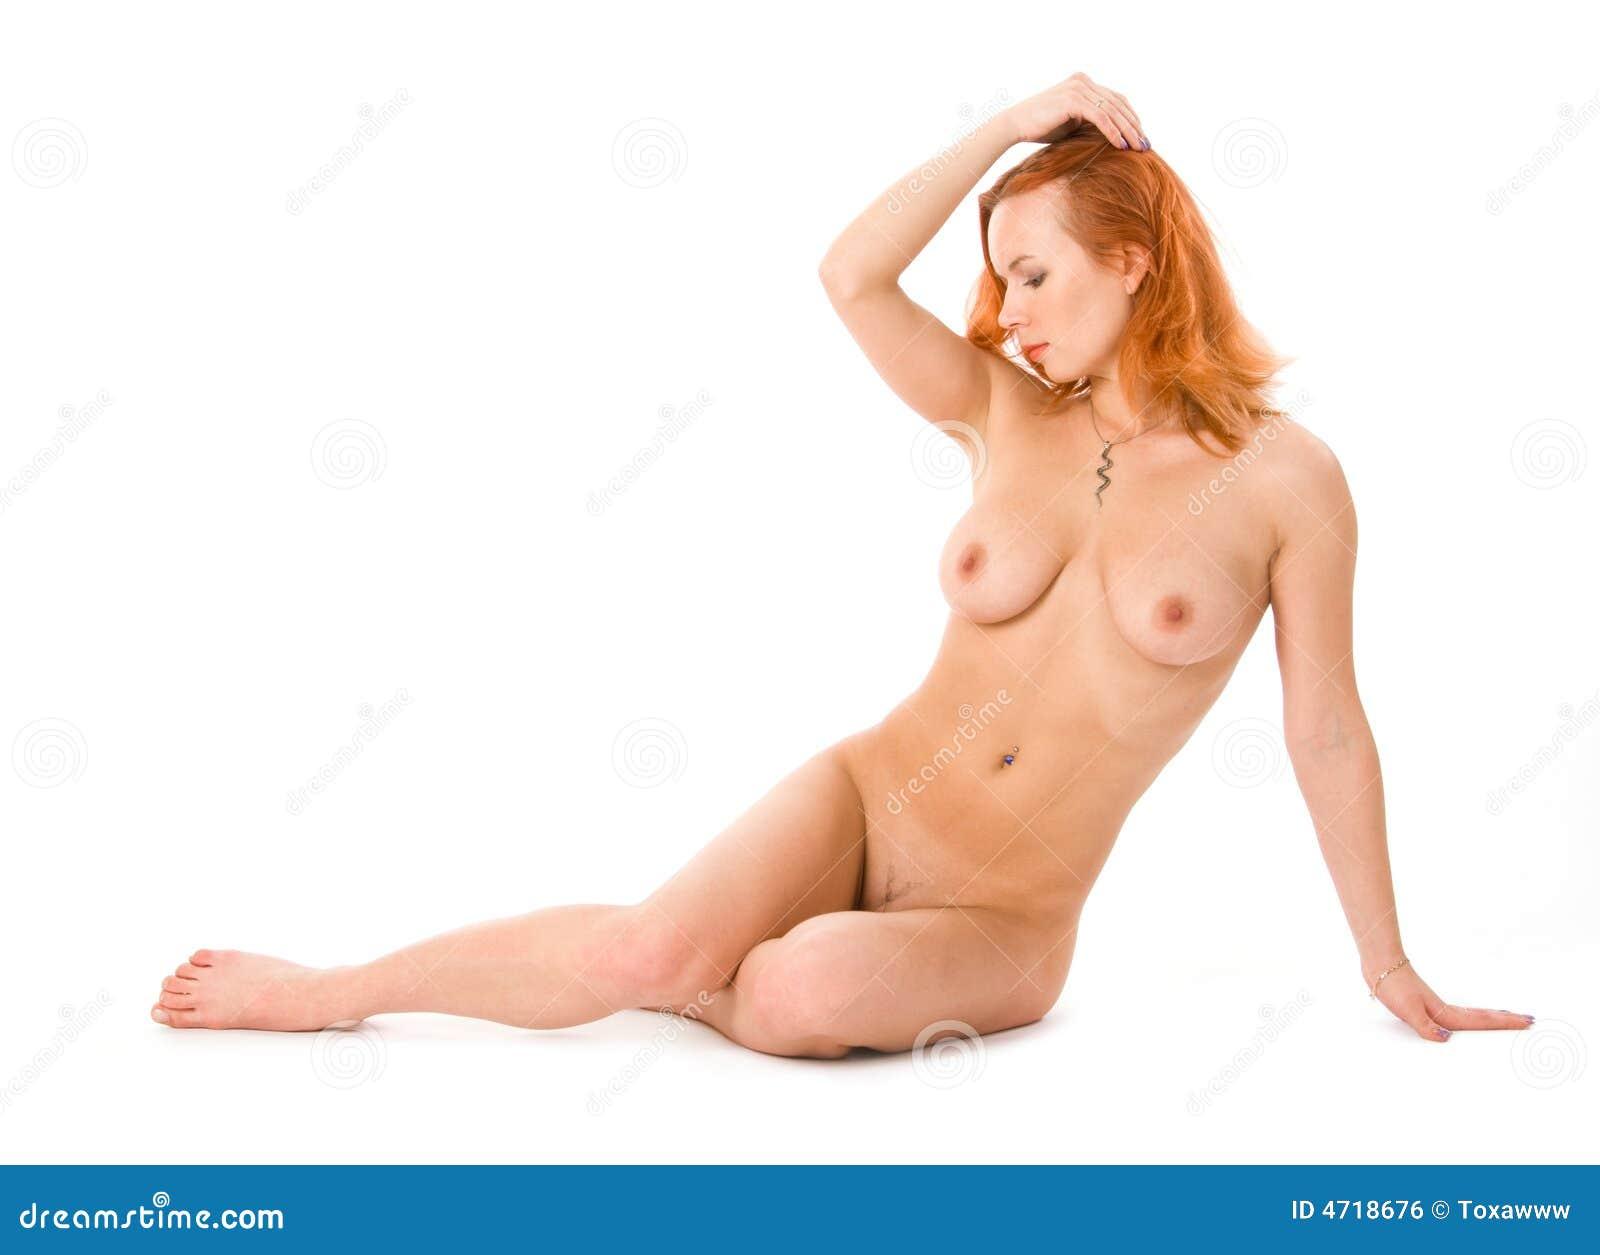 Photos de dames rousse dans le tuyau